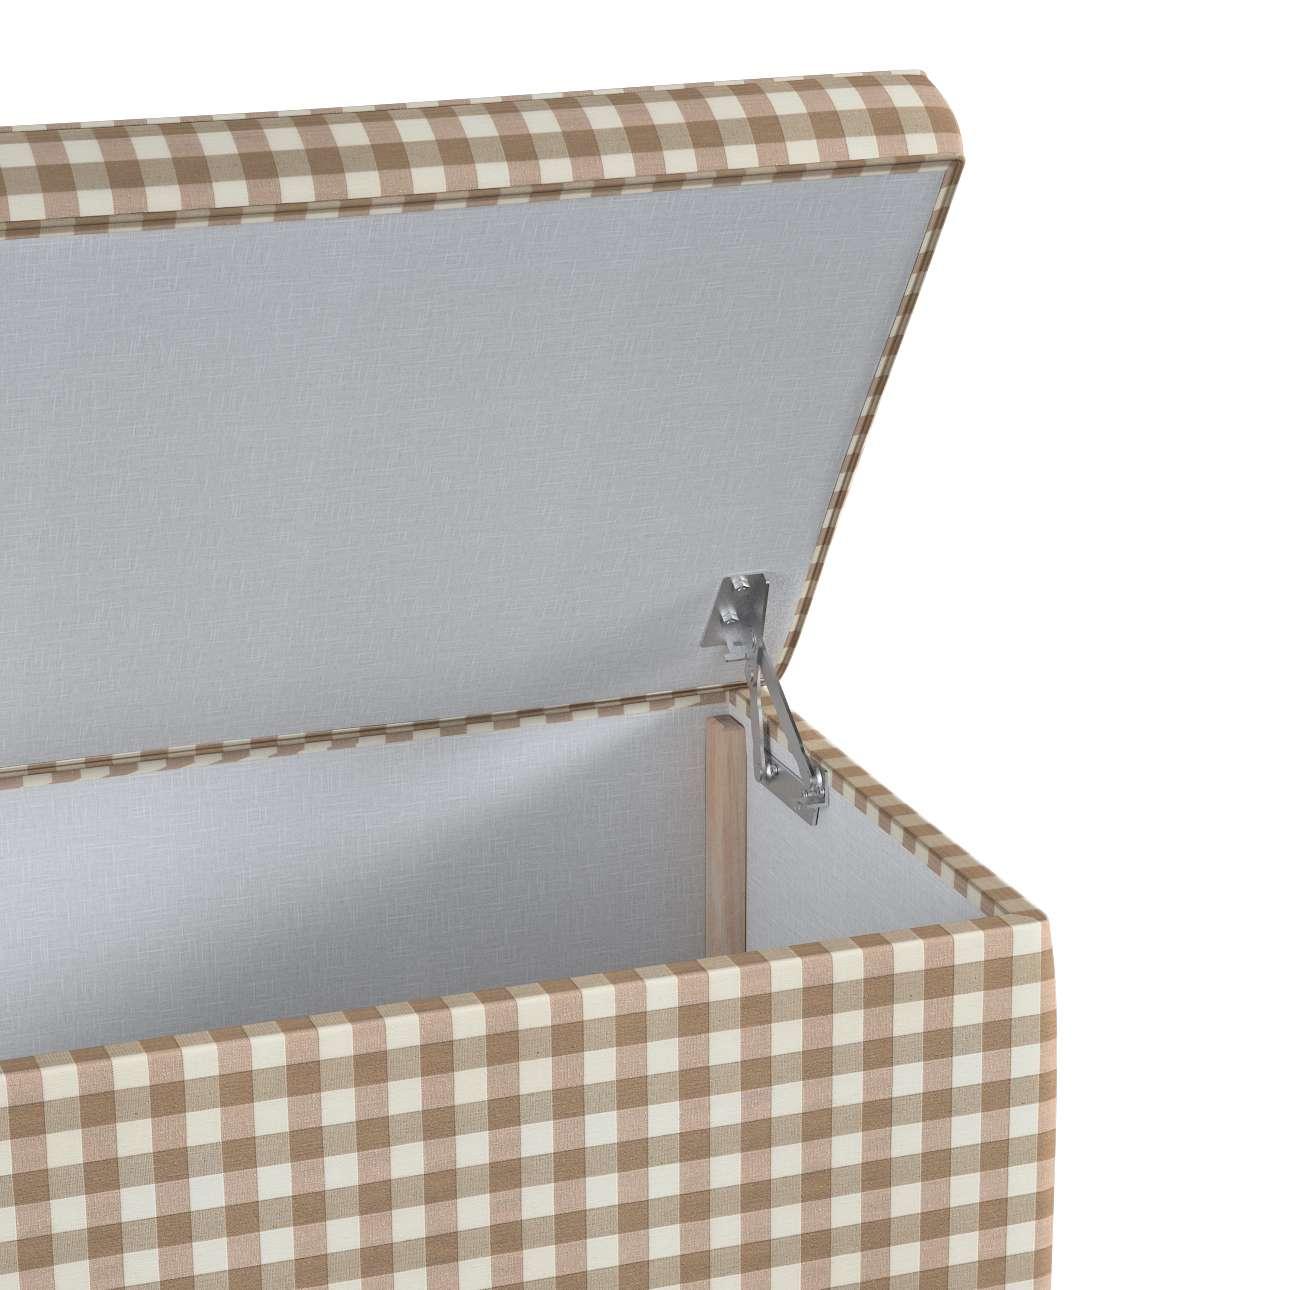 Truhlica čalúnená V kolekcii Quadro, tkanina: 136-06